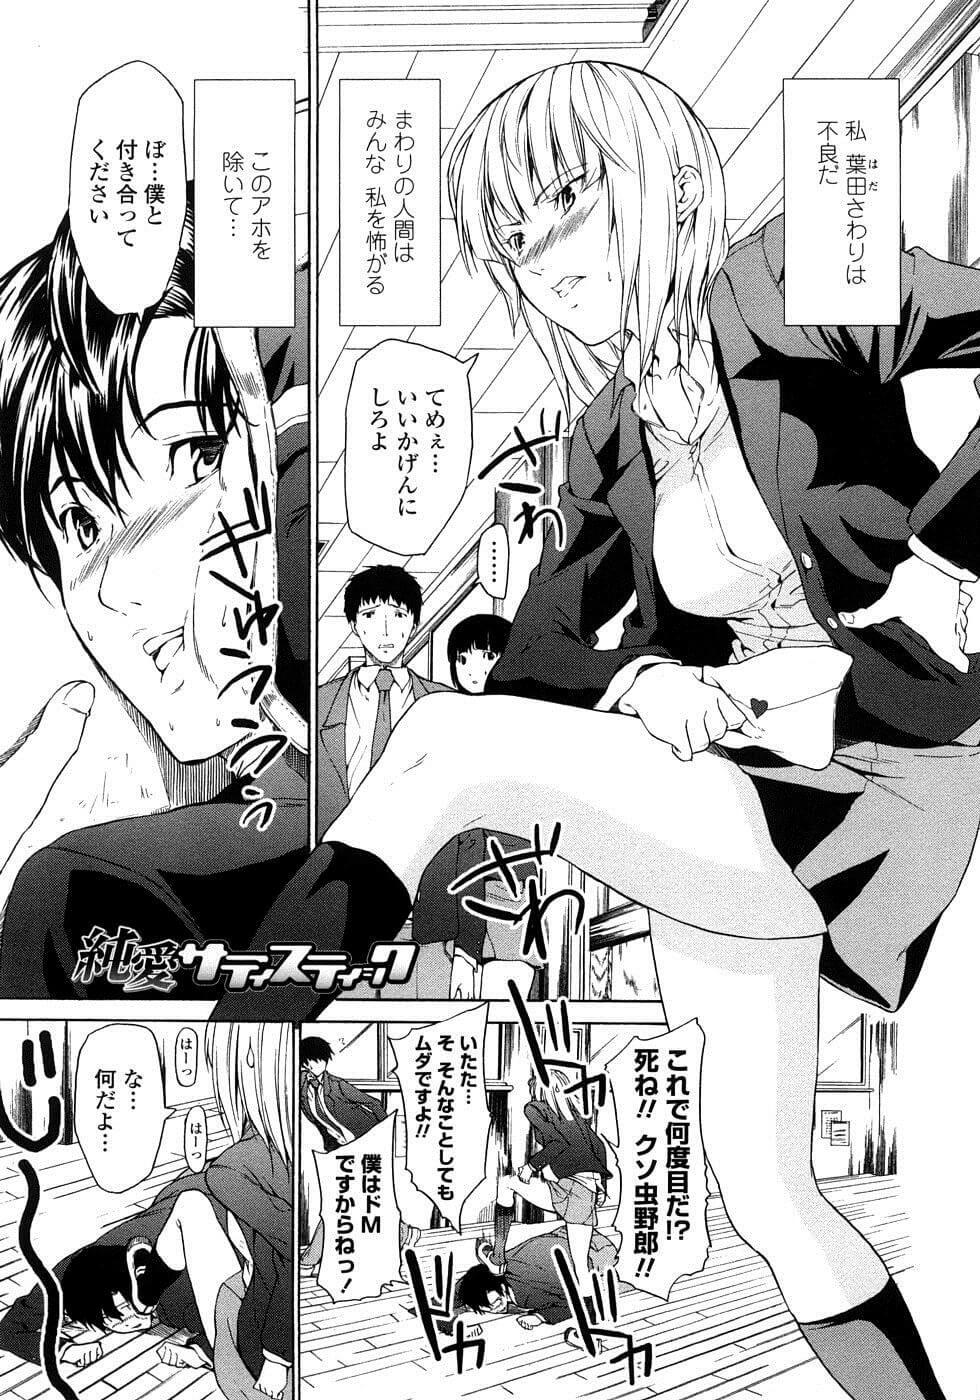 【エロ漫画】学校ではまわりの人間から怖がられているツンデレな不良JKは、最近ある男子から何度も付き合ってくれと告白されていて…【無料 エロ同人】 (1)